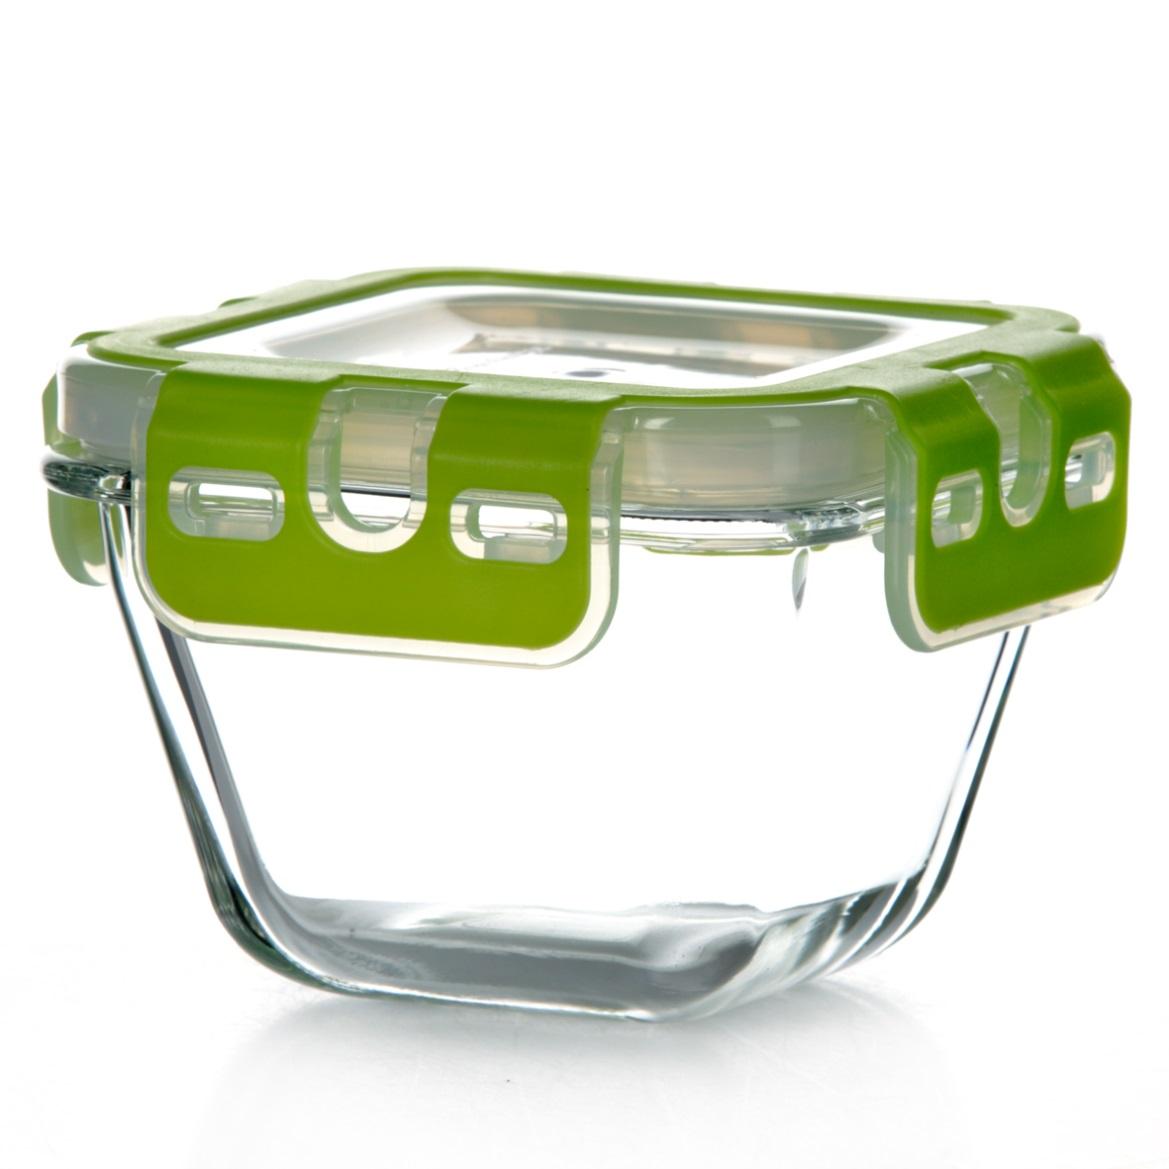 Контейнер для хранения продуктов Pasabahce Storemax, цвет: зеленый, 290 мл21395599Контейнер Pasabahce Storemax, выполненный из высококачественного закаленного стекла, предназначен для хранения продуктов. Благодаря высокому качеству материала и герметичной пластиковой крышке с защелками продукты в контейнере дольше сохранят свежесть, сочность и аромат. Крышка имеет силиконовую вставку, предотвращающую выскальзывание контейнера из рук при открывании. Можно мыть в посудомоечной машине и использовать в микроволновой печи. Подходит для хранения в холодильнике. Размер контейнера: 10,3 см х 10,3 см.Высота (без учета крышки): 6,5 см. Объем: 290 мл.